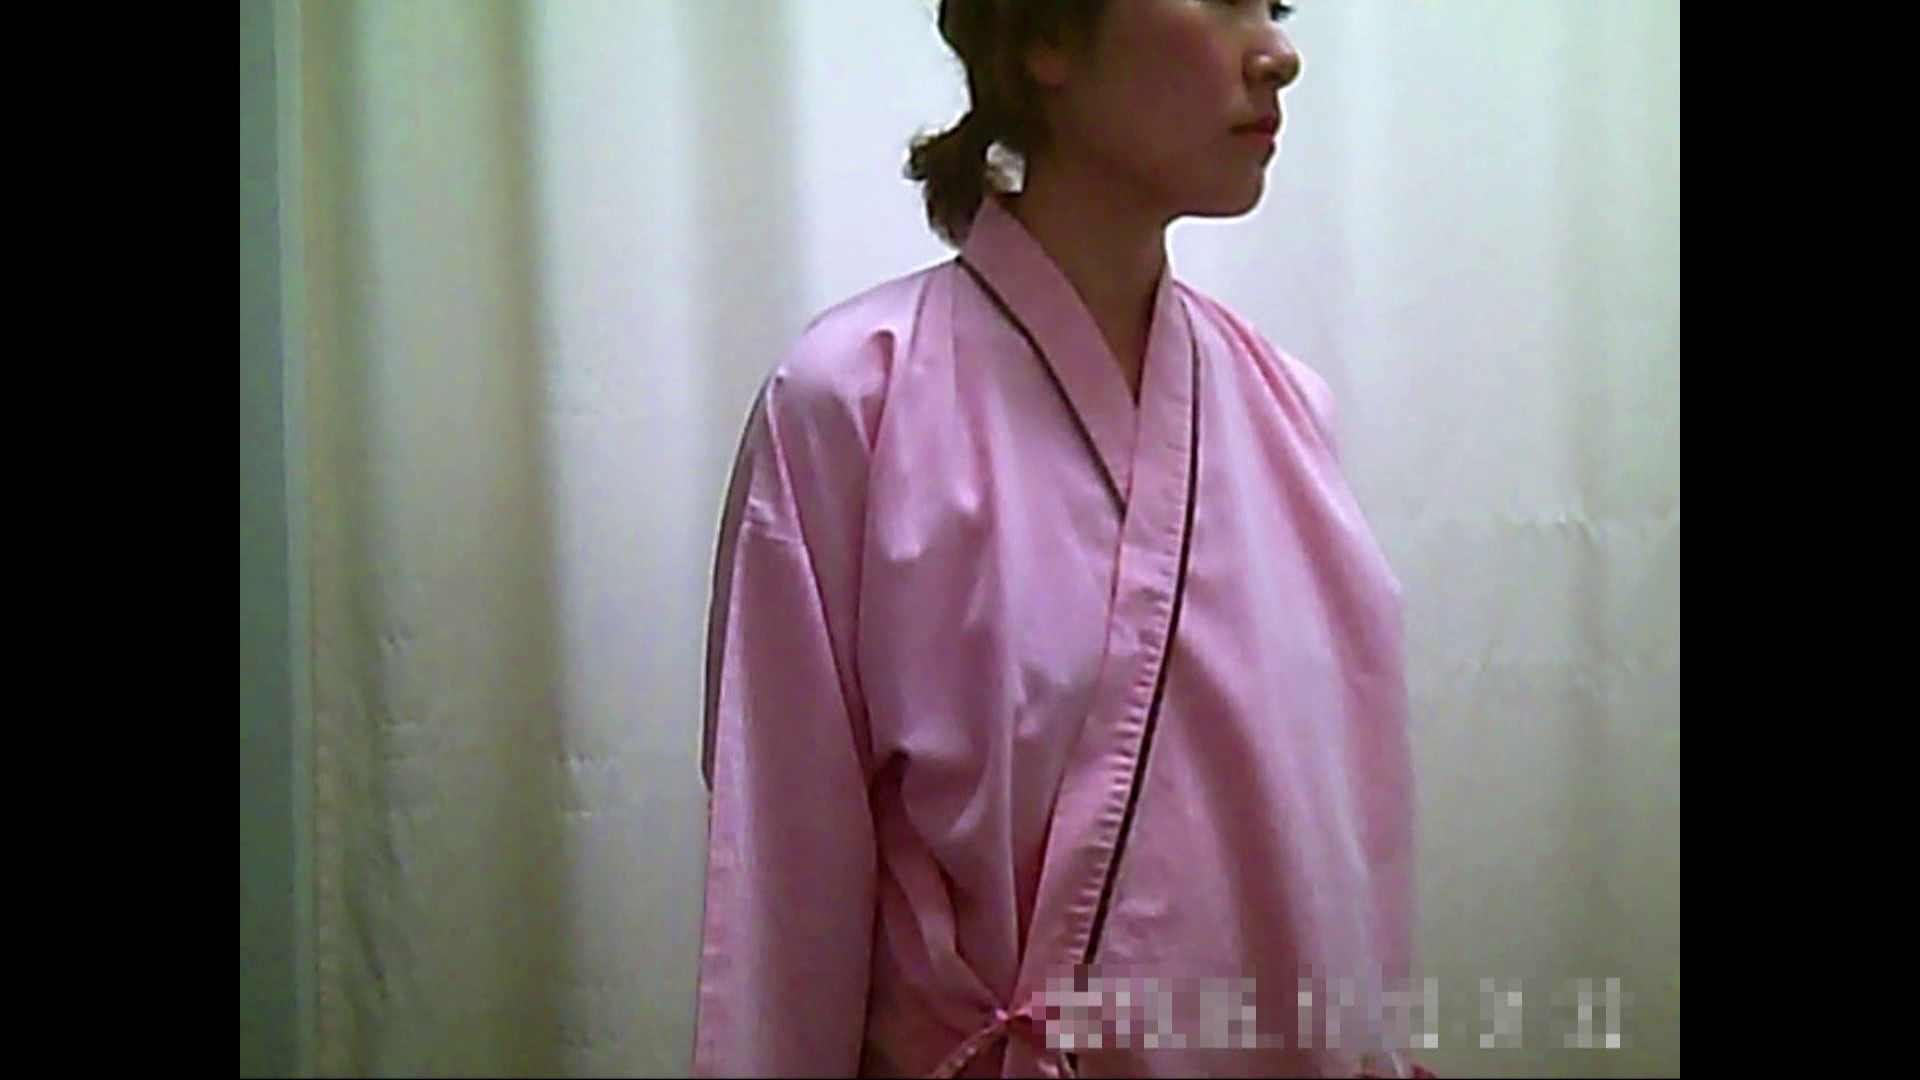 元医者による反抗 更衣室地獄絵巻 vol.272 OL  102pic 80